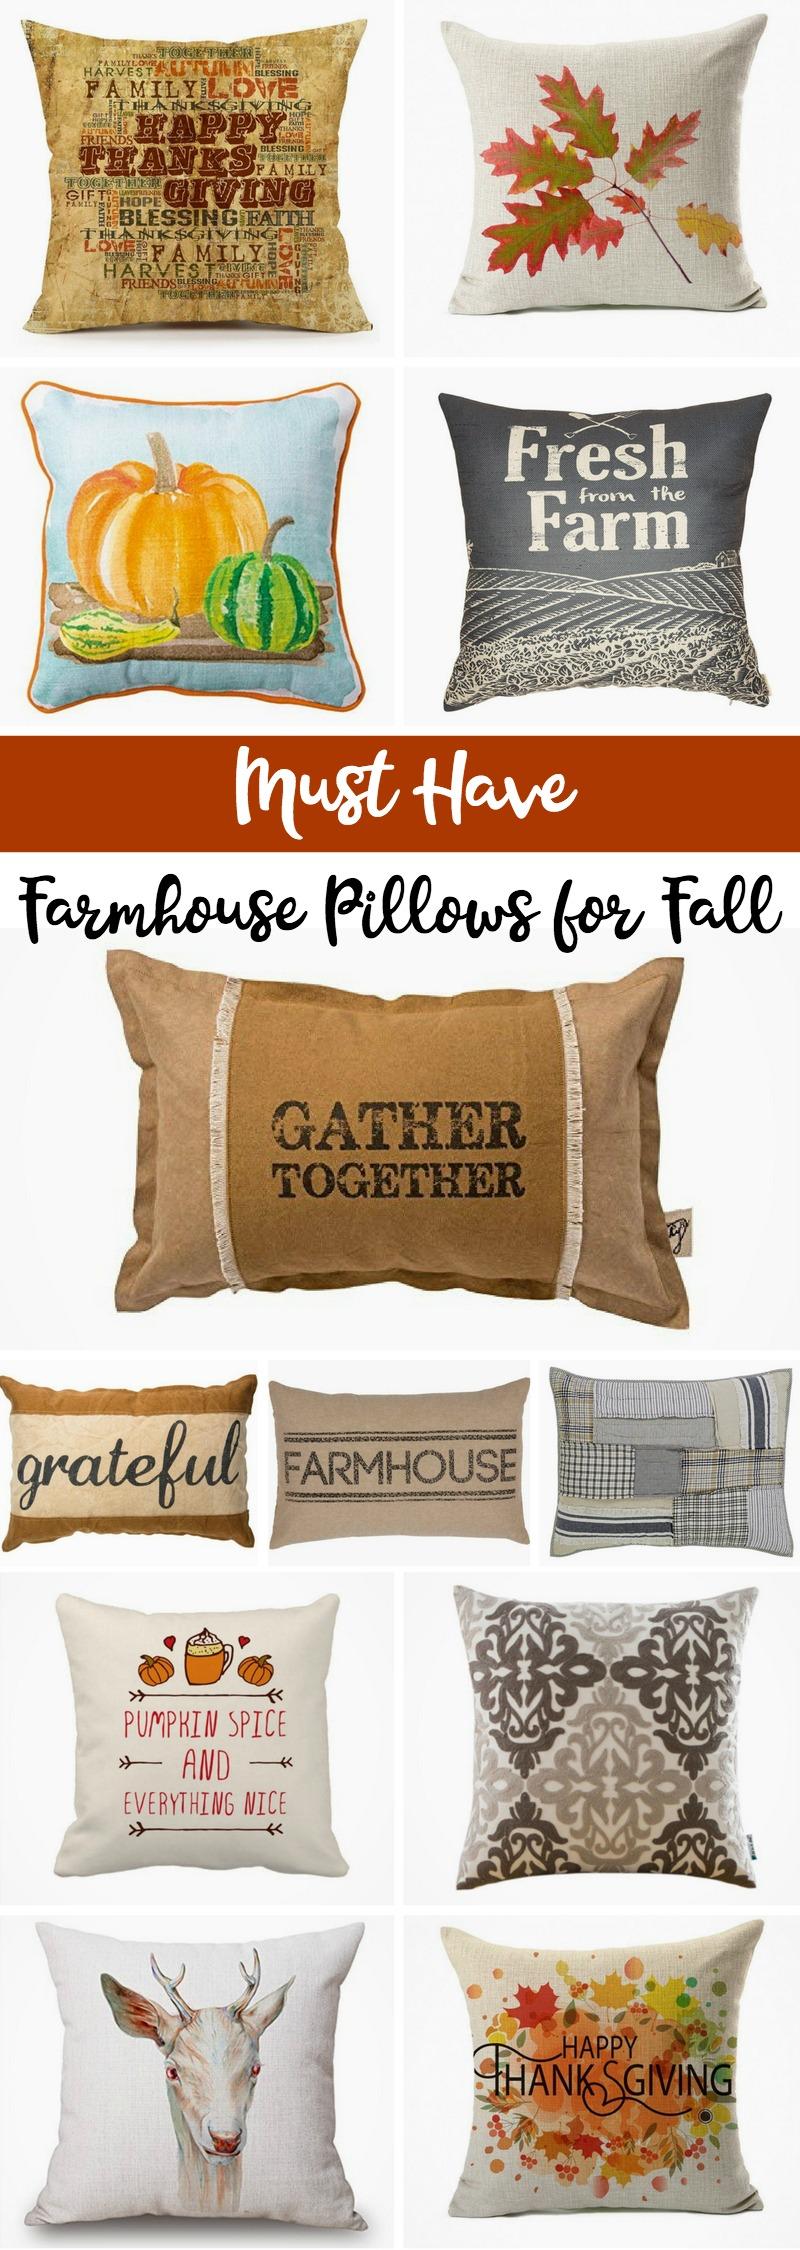 Fall Themed Farmhouse Pillows